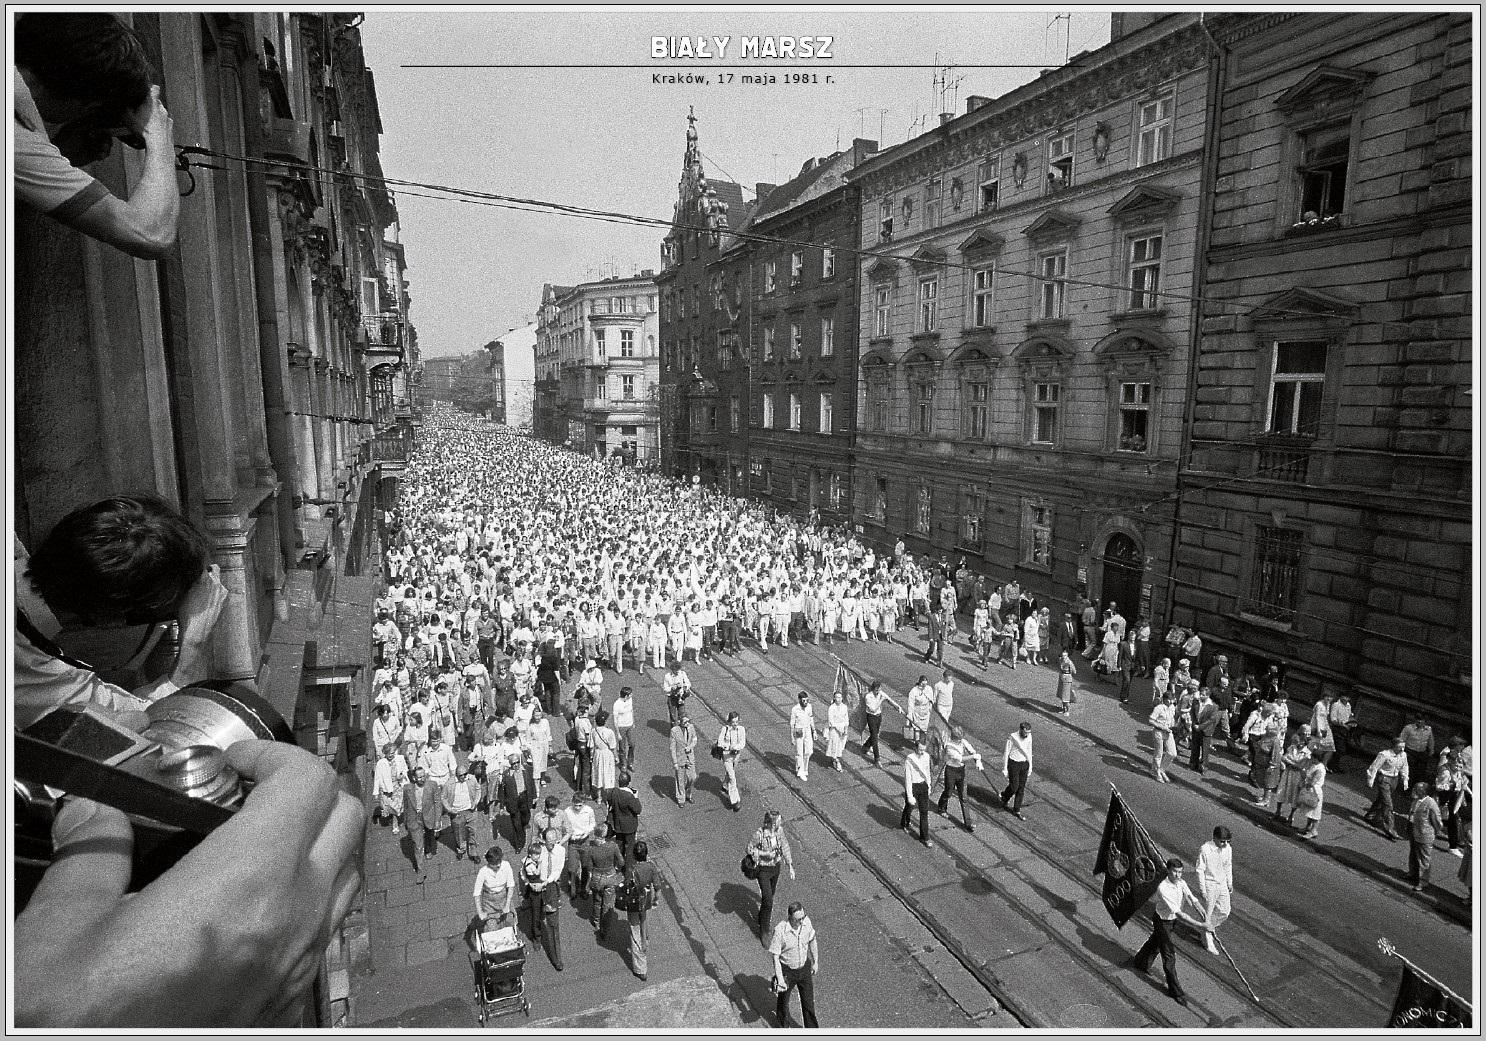 Czterdzieści lat minęło.. 17 maja 2021, czyli 40. lat od Białego Marszu